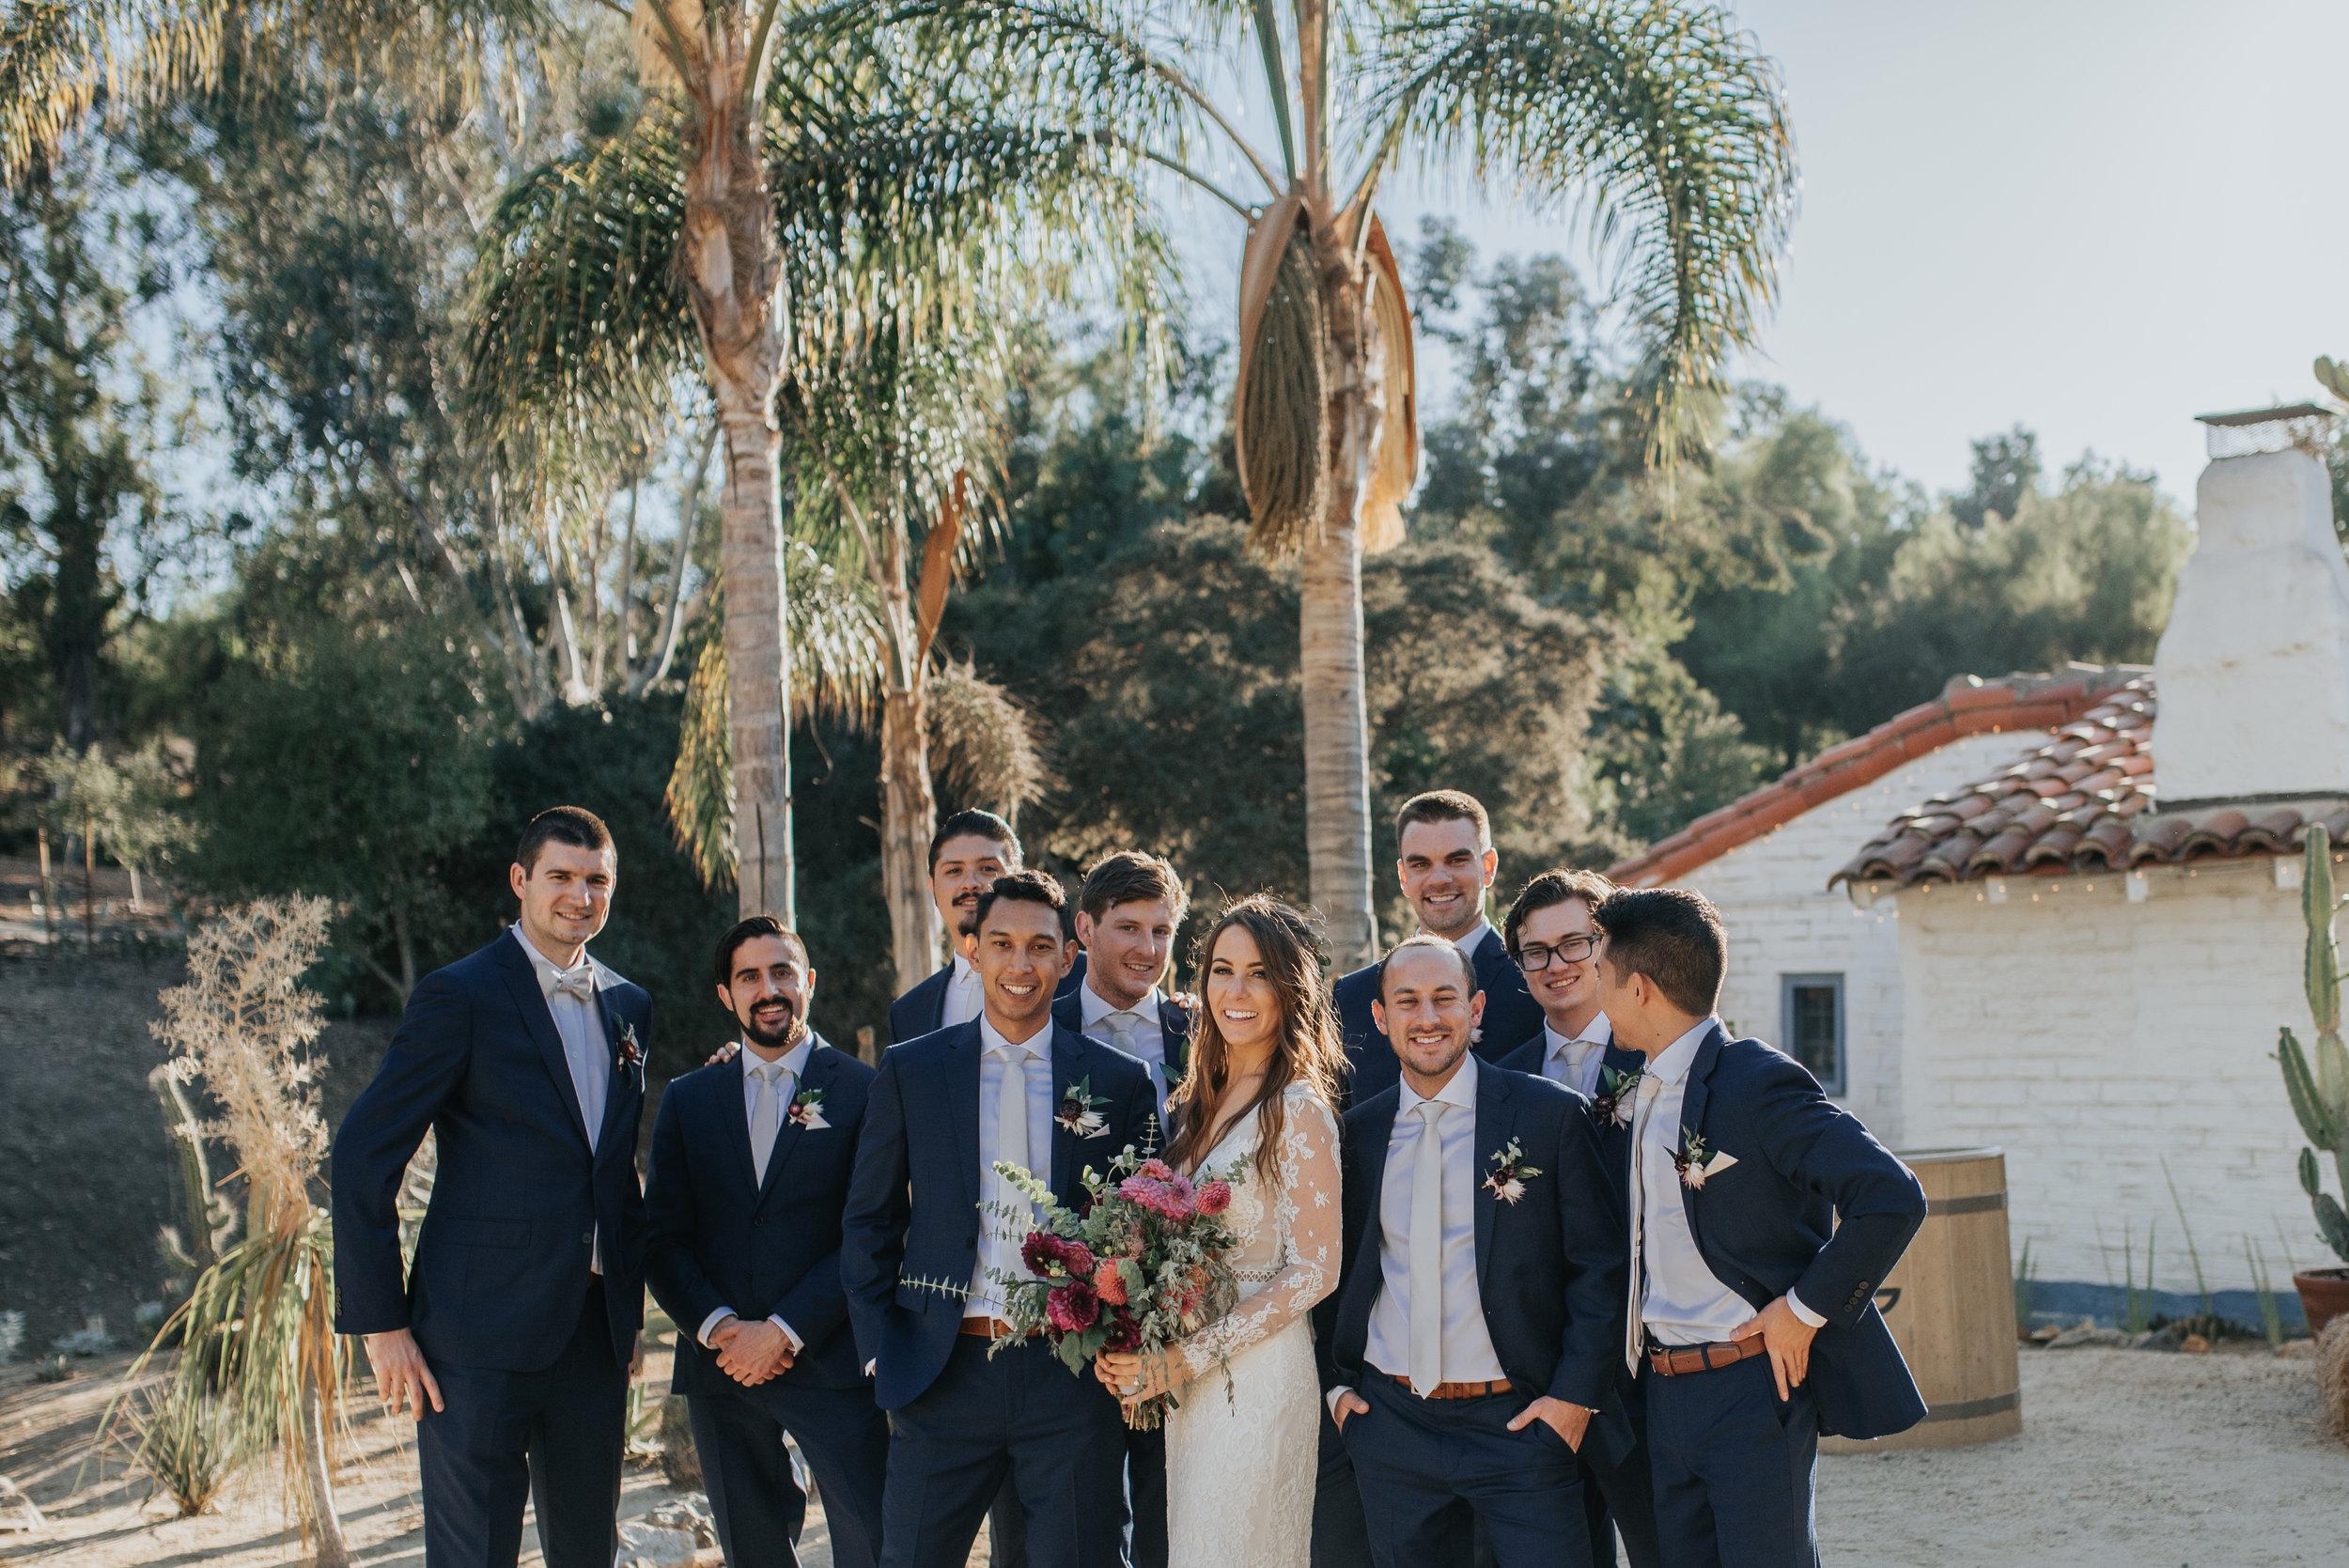 weddingparty-158.jpg